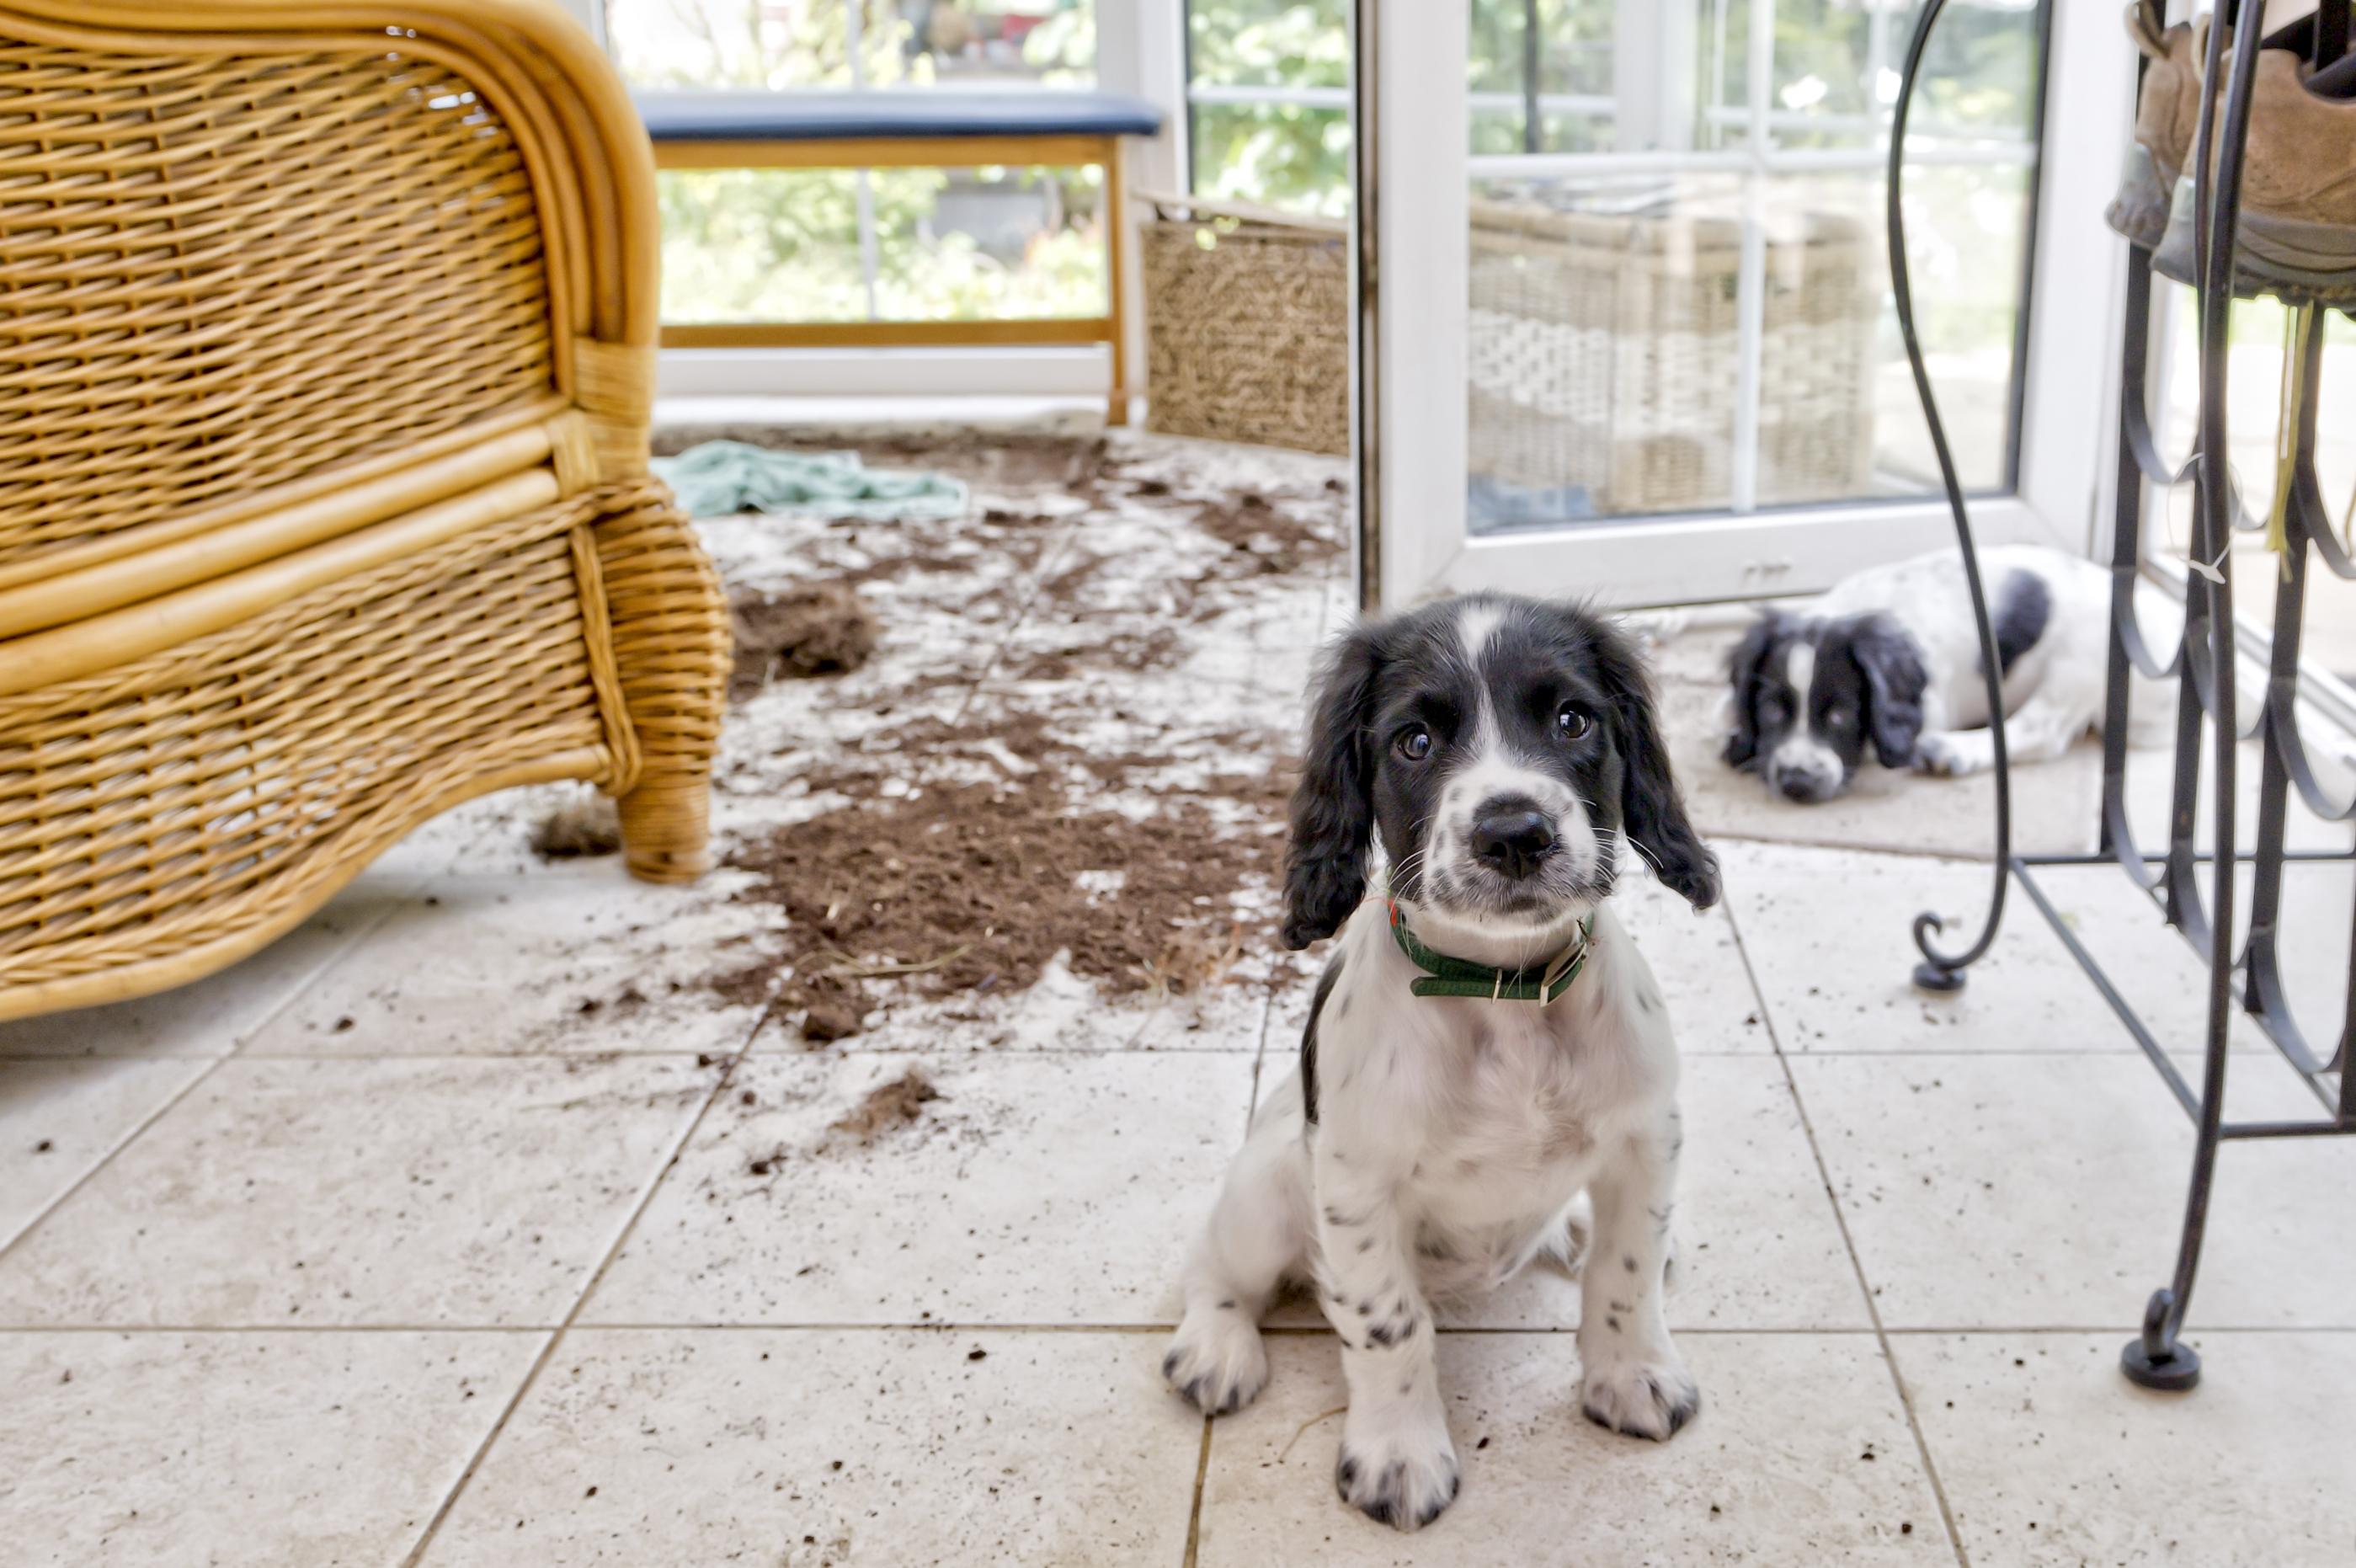 naughty puppies make a mess.